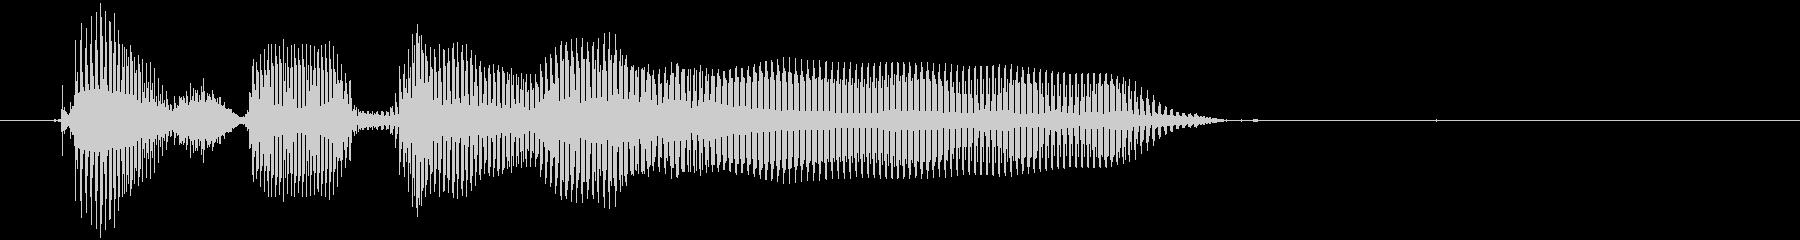 「朝だよーーー」(のんきな感じ)の未再生の波形